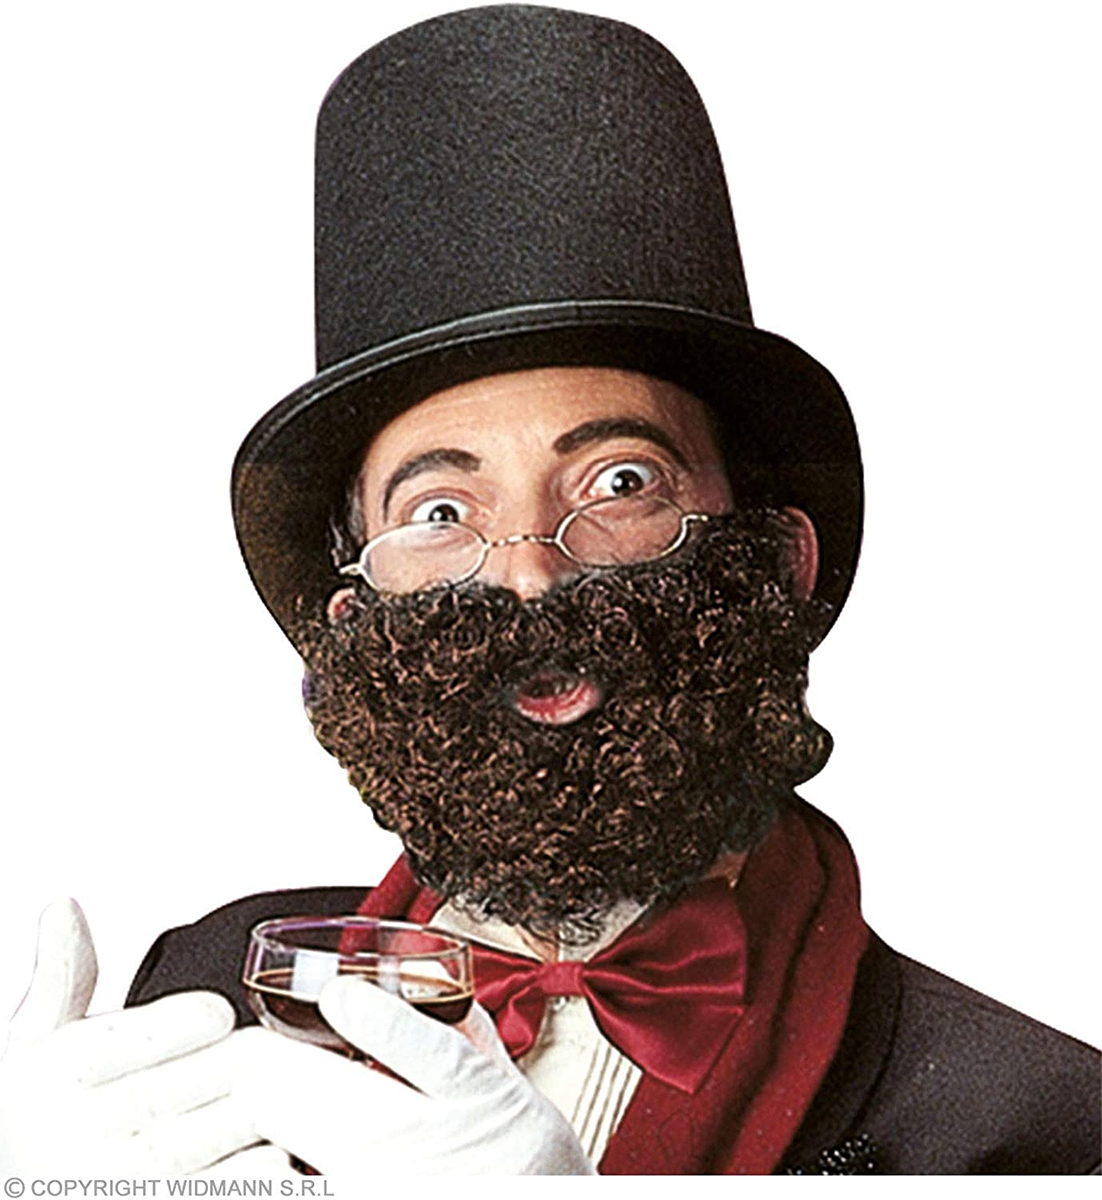 Barbe et moustache frisées châtain foncé